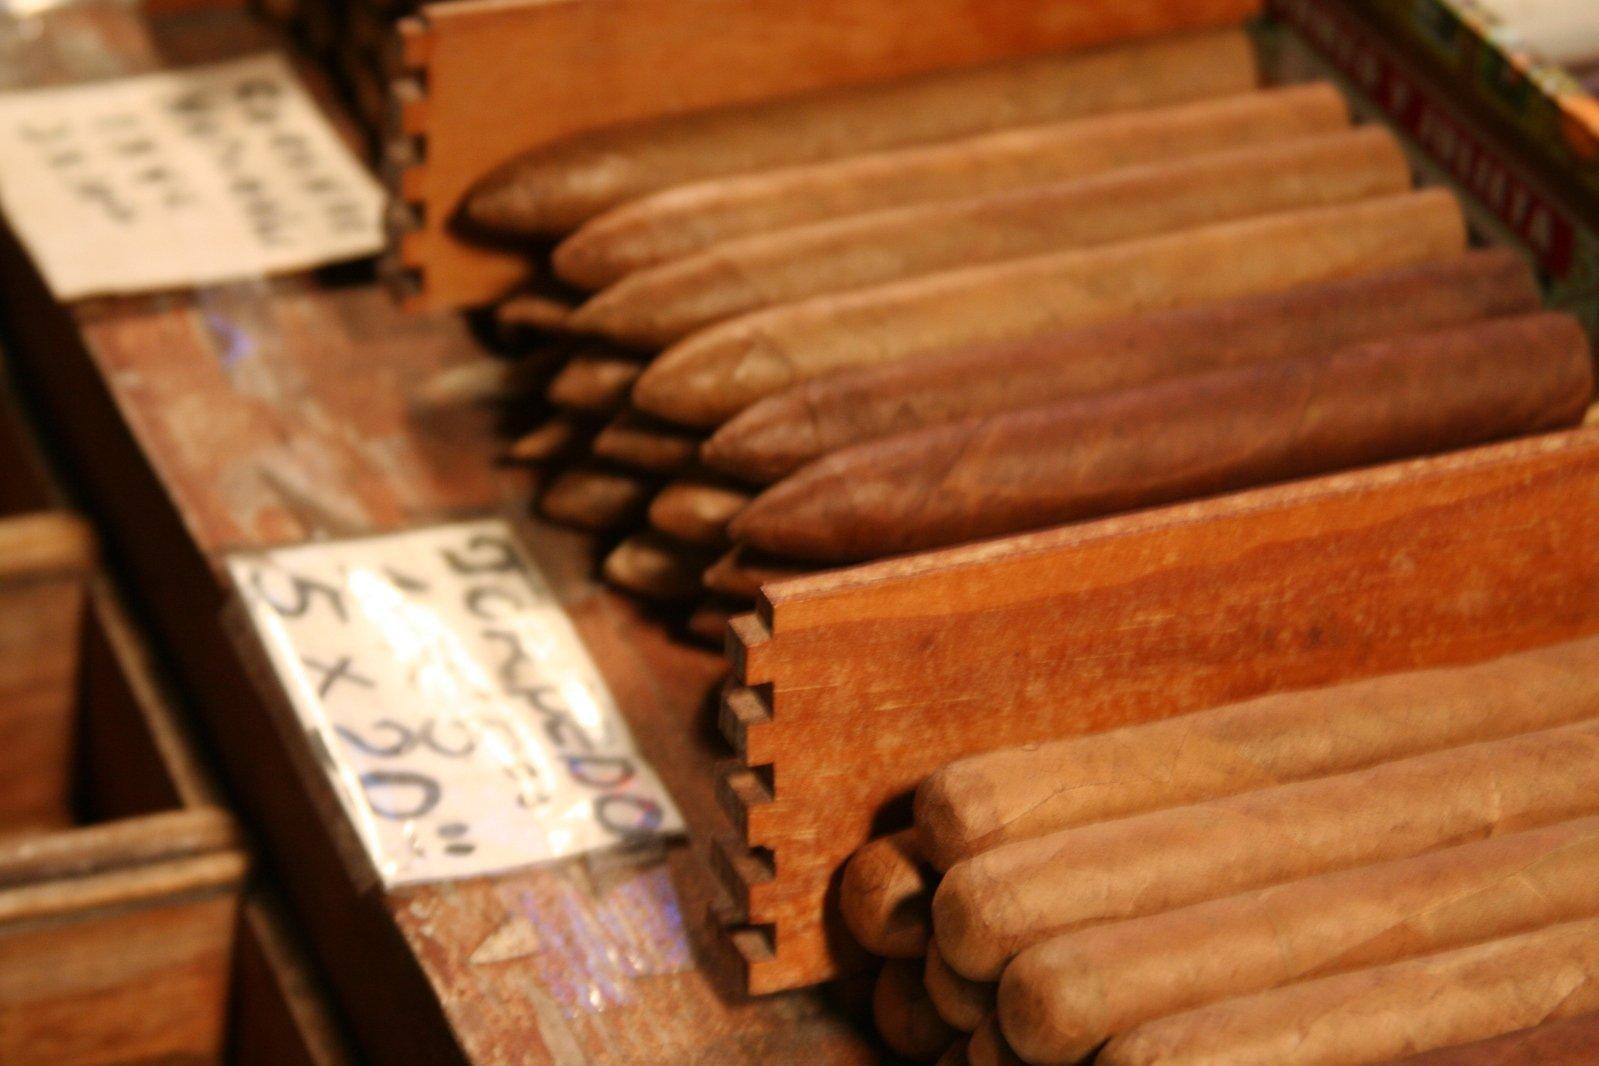 A cigar collection